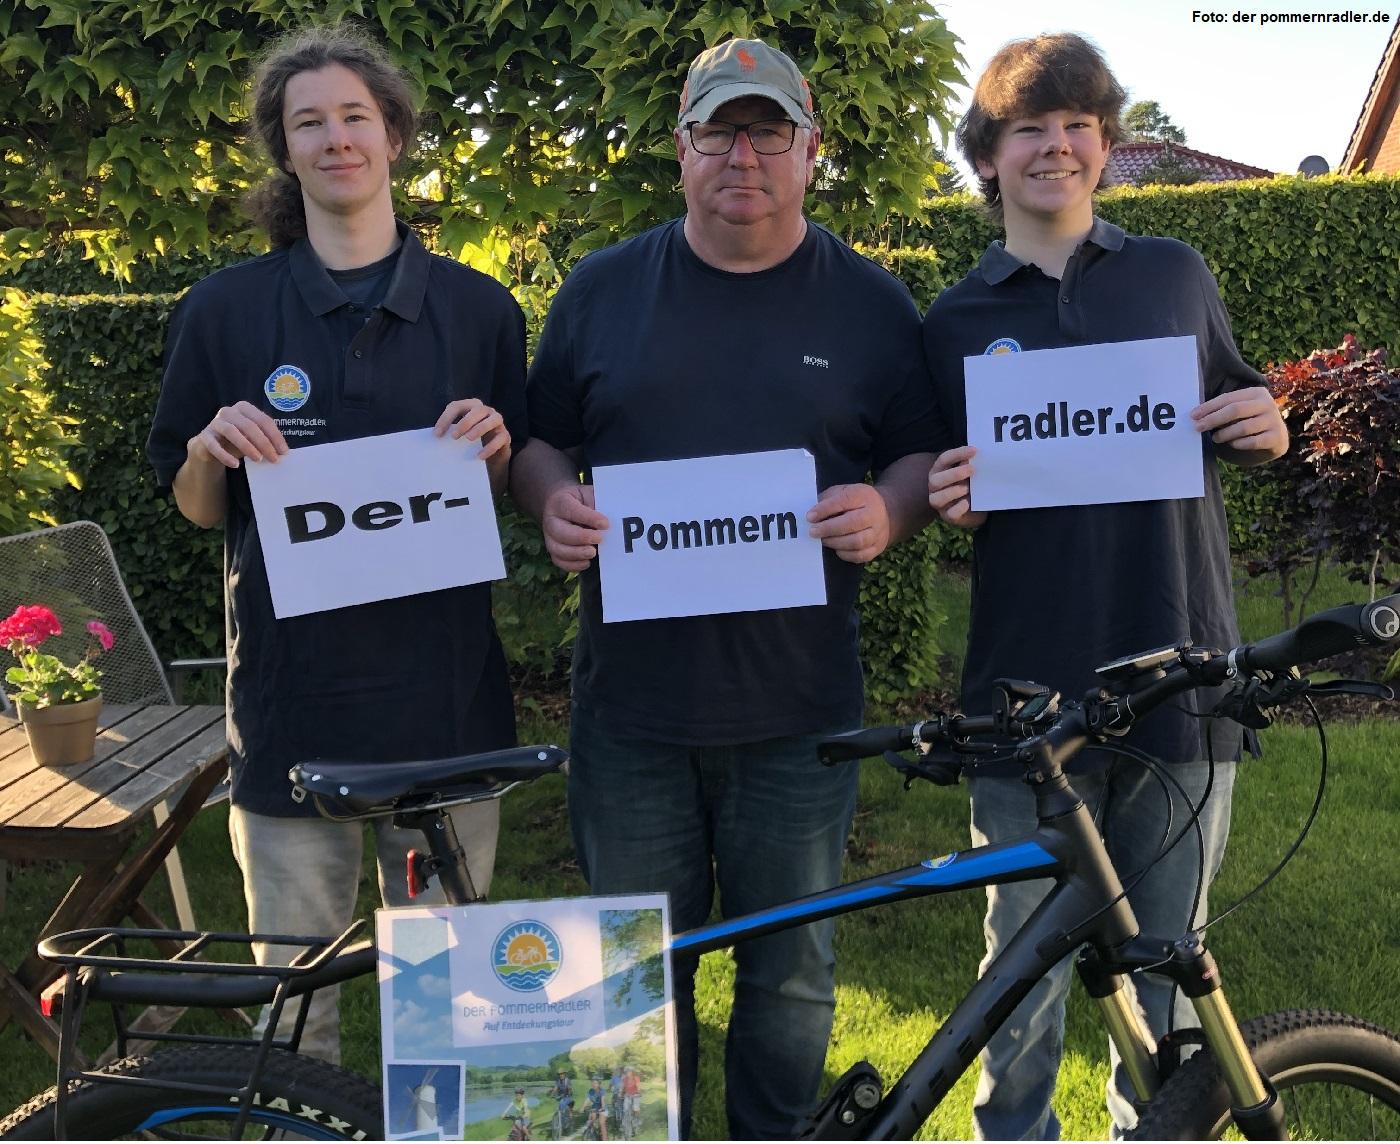 Geführte Radtour mit dem Pommernradler 3-Insel-Tour: